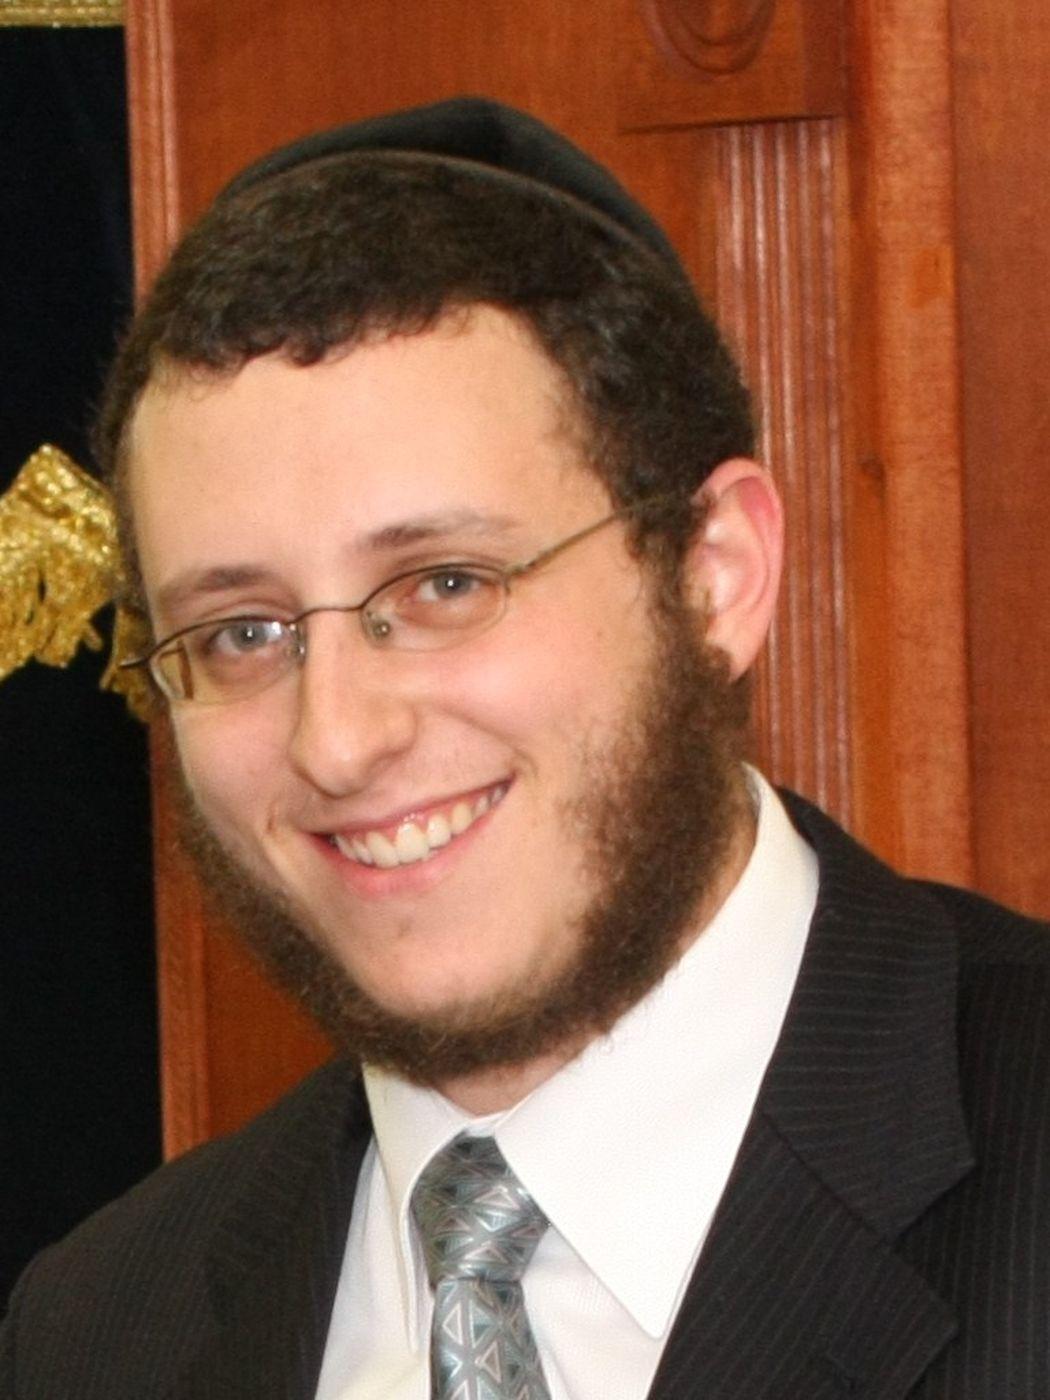 Rabbi Schomo Schmerling